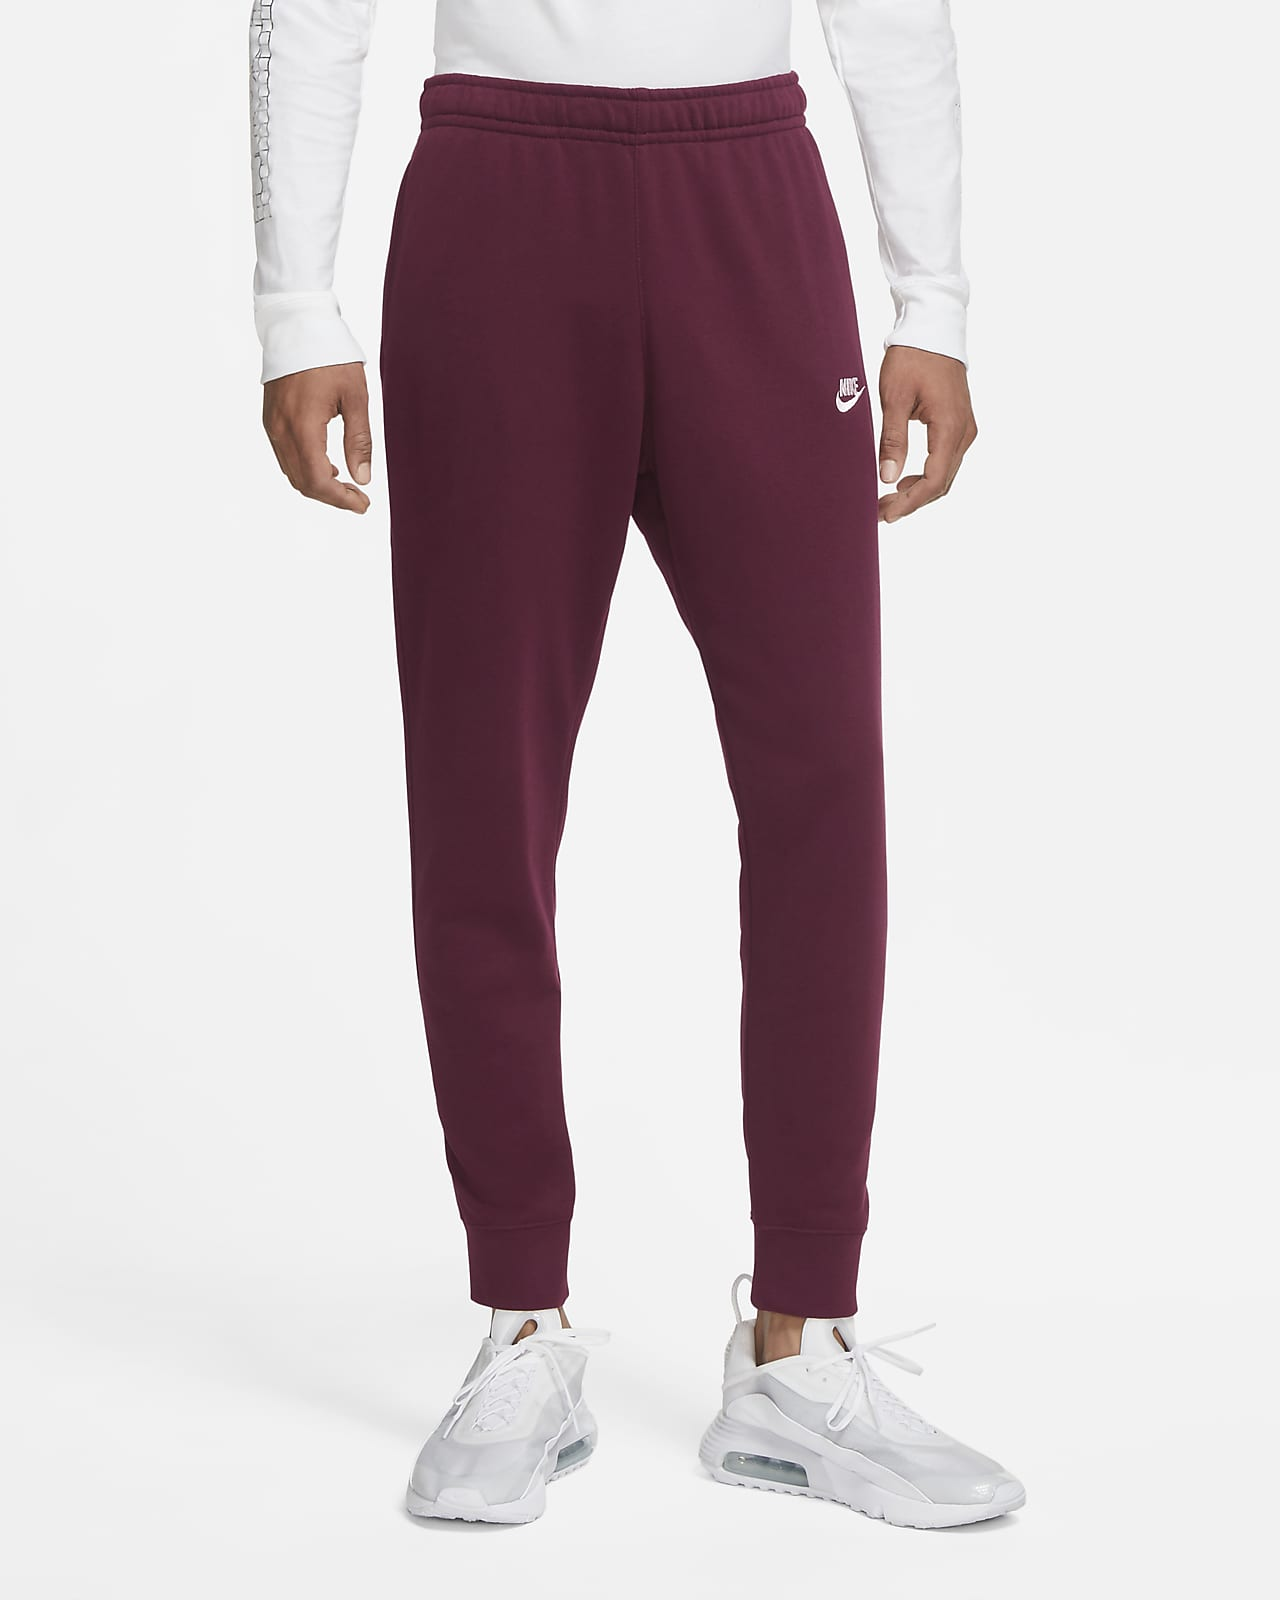 Nike Sportswear Club-joggers til mænd